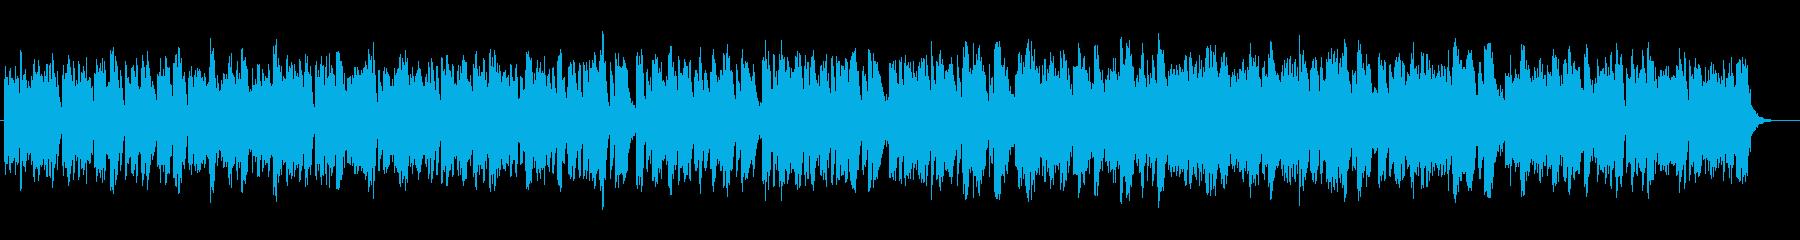 ストリングスのヒーリングミュージックの再生済みの波形